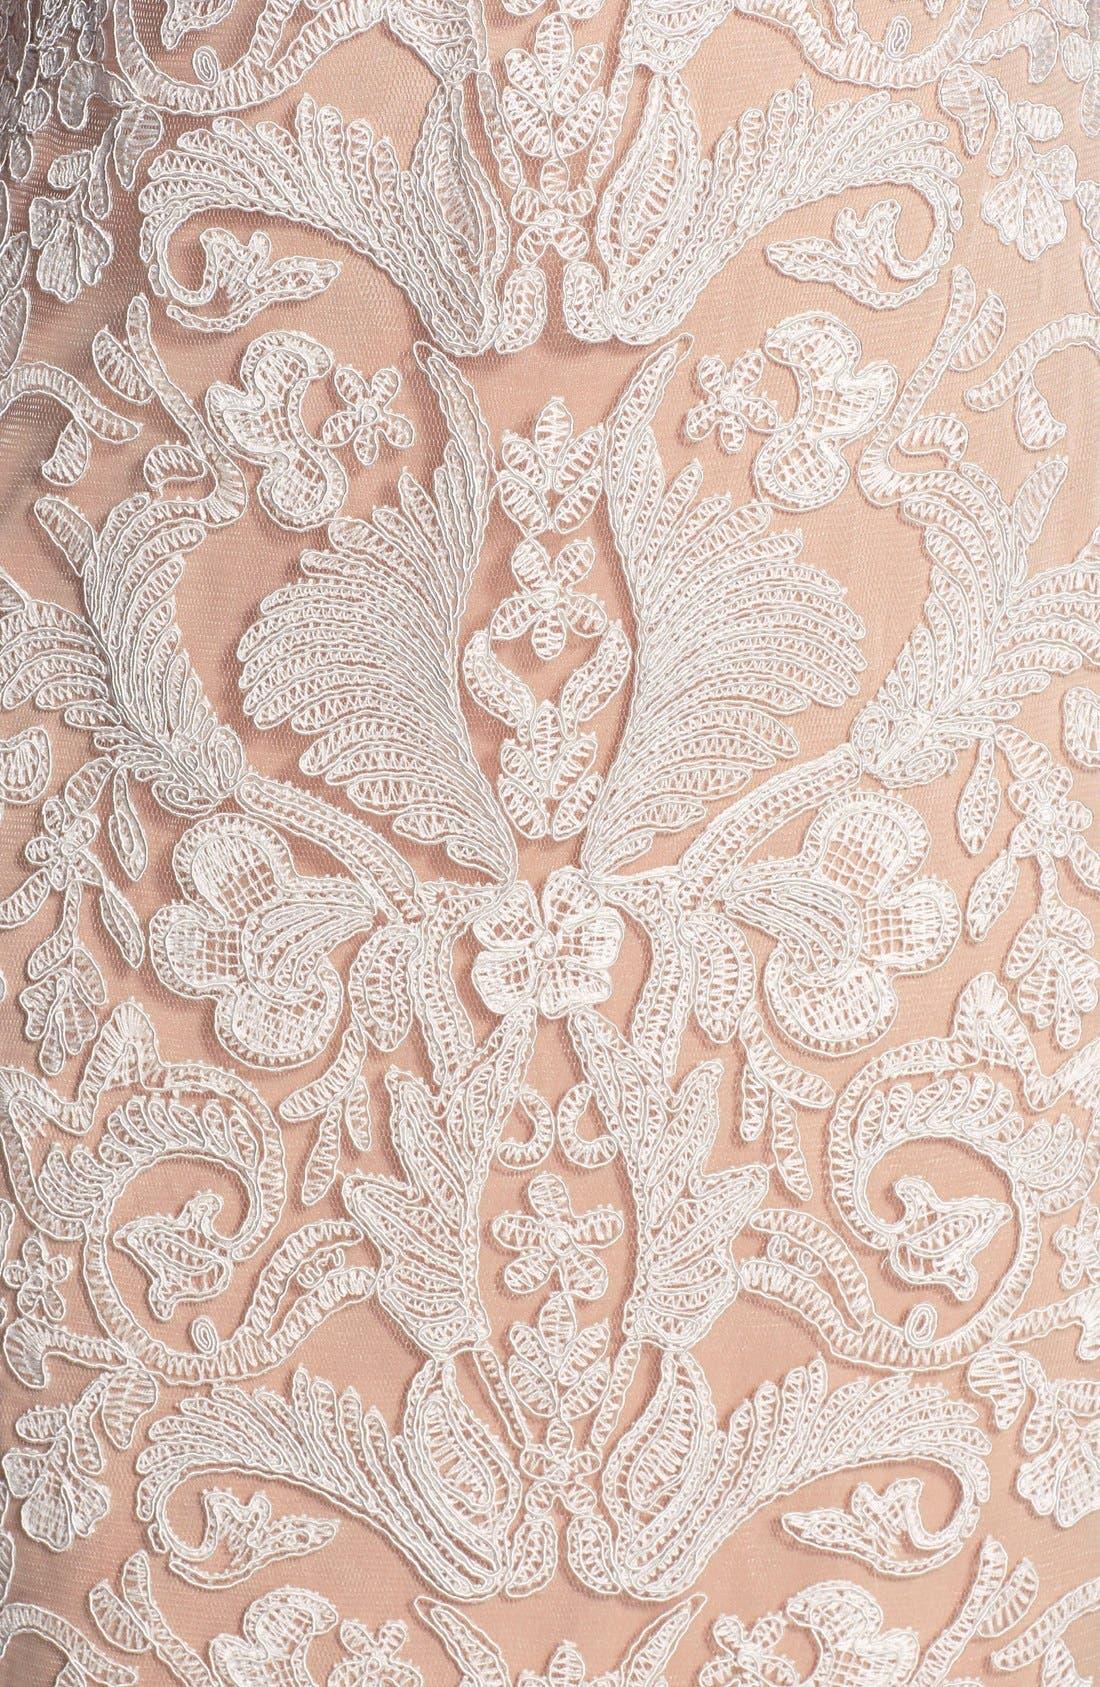 Illusion Yoke Lace Sheath Dress,                             Alternate thumbnail 28, color,